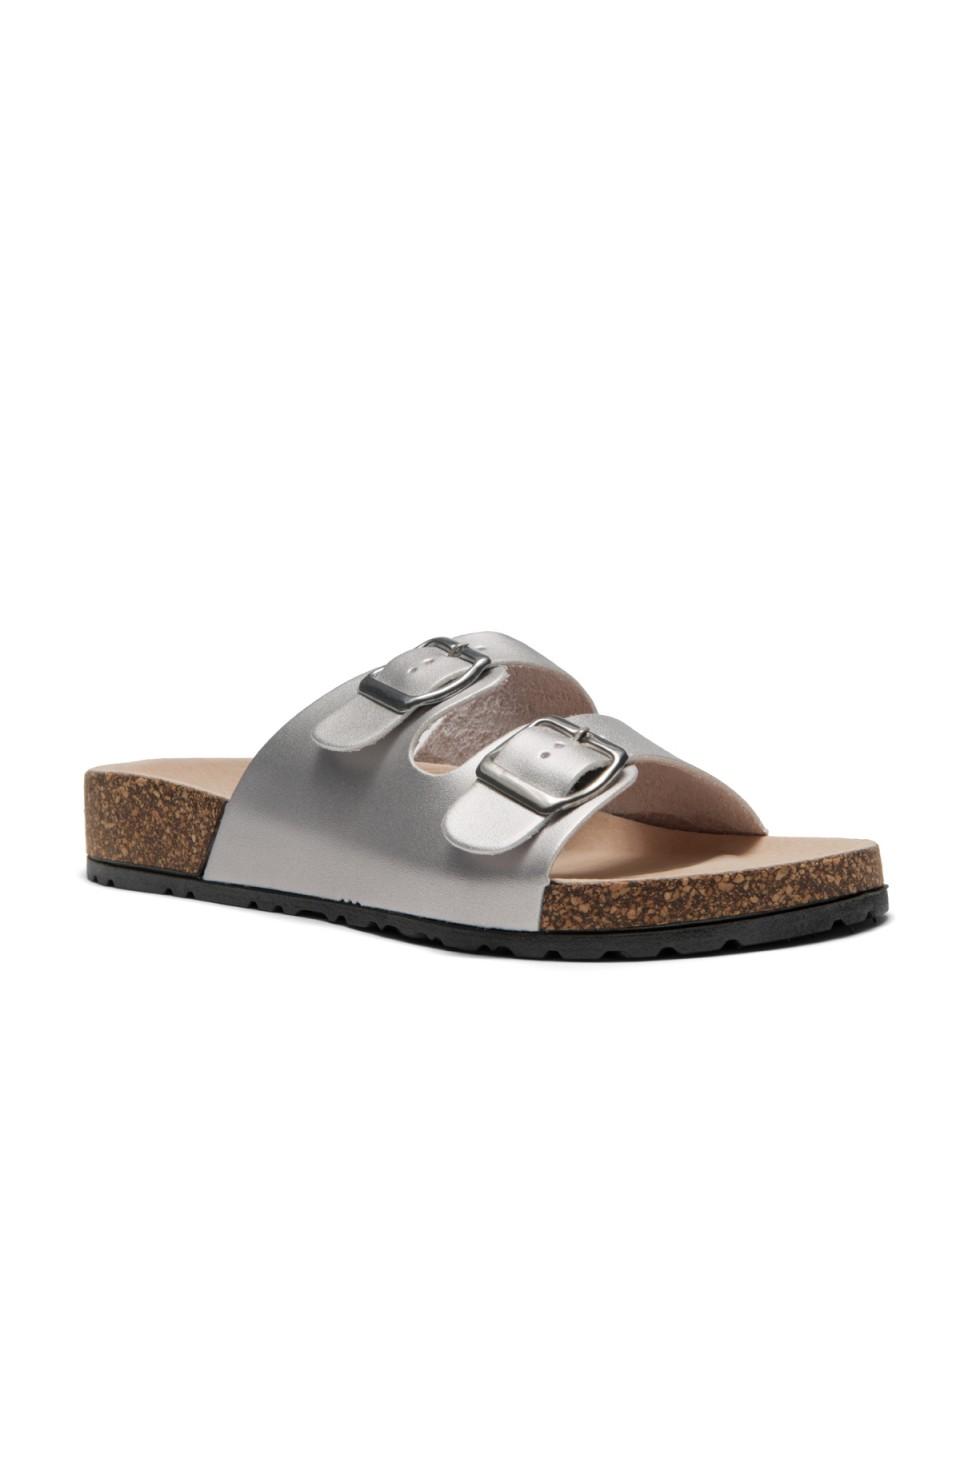 HerStyle SL-110115 Open Toe Buckled Cork Slide Sandal (Silver)